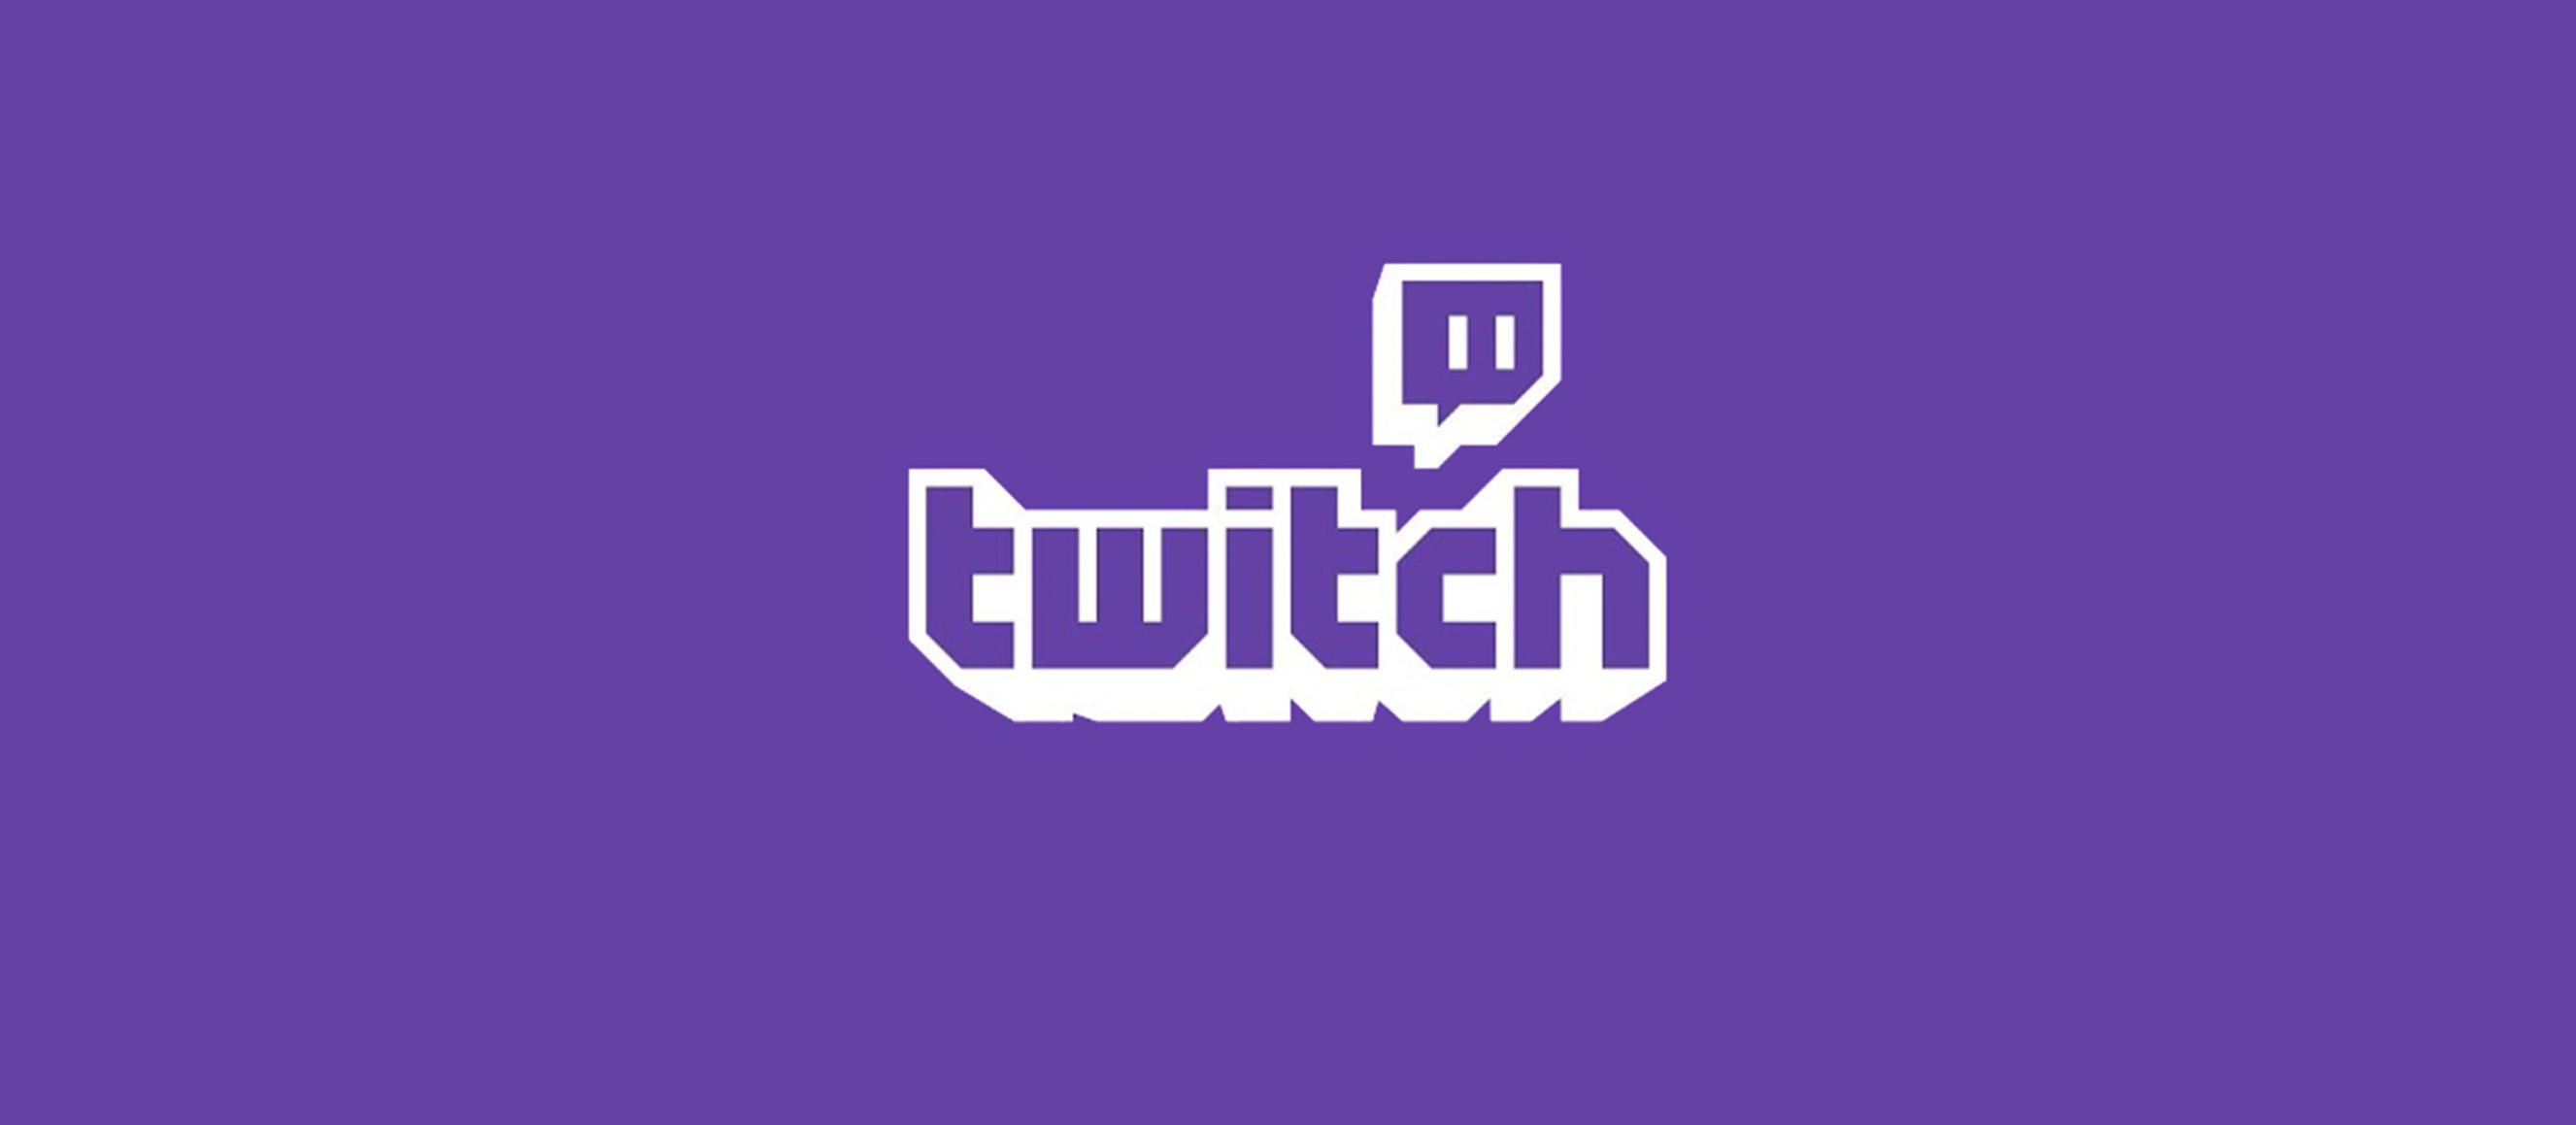 Twitch: conheça o sucesso que arrebatou a Internet! | Blog Z